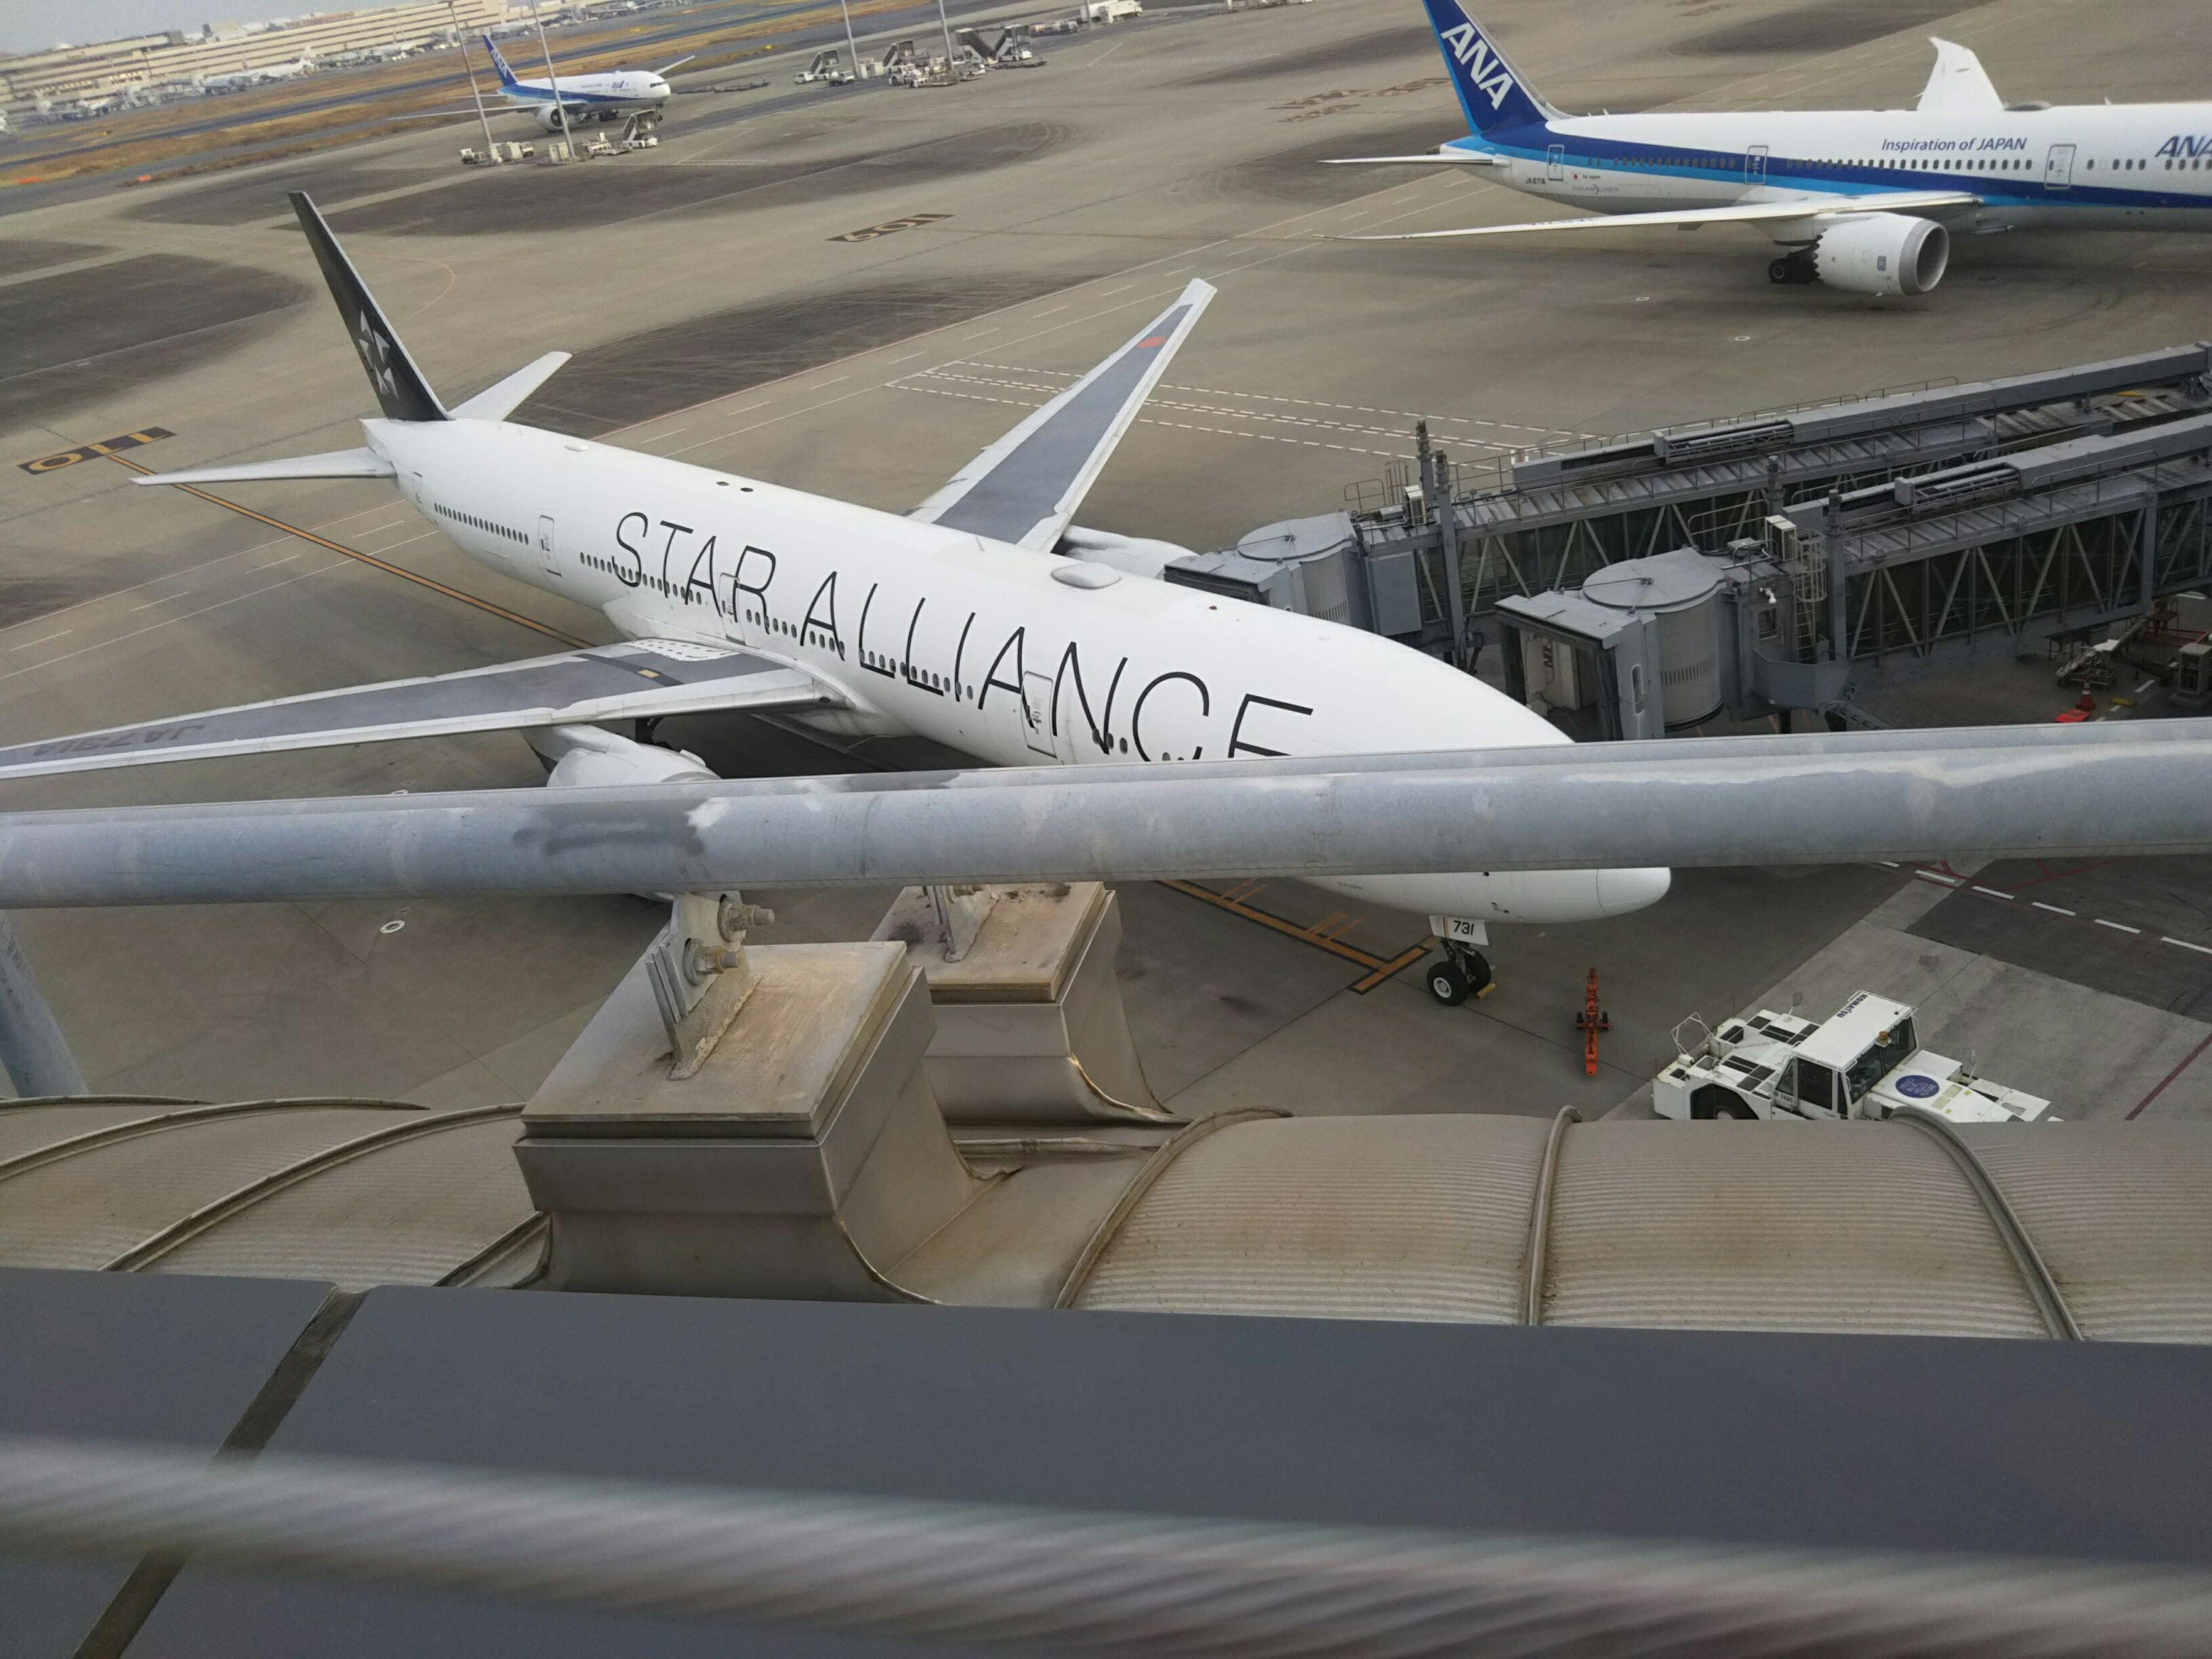 f:id:A350-900:20210109214949j:image